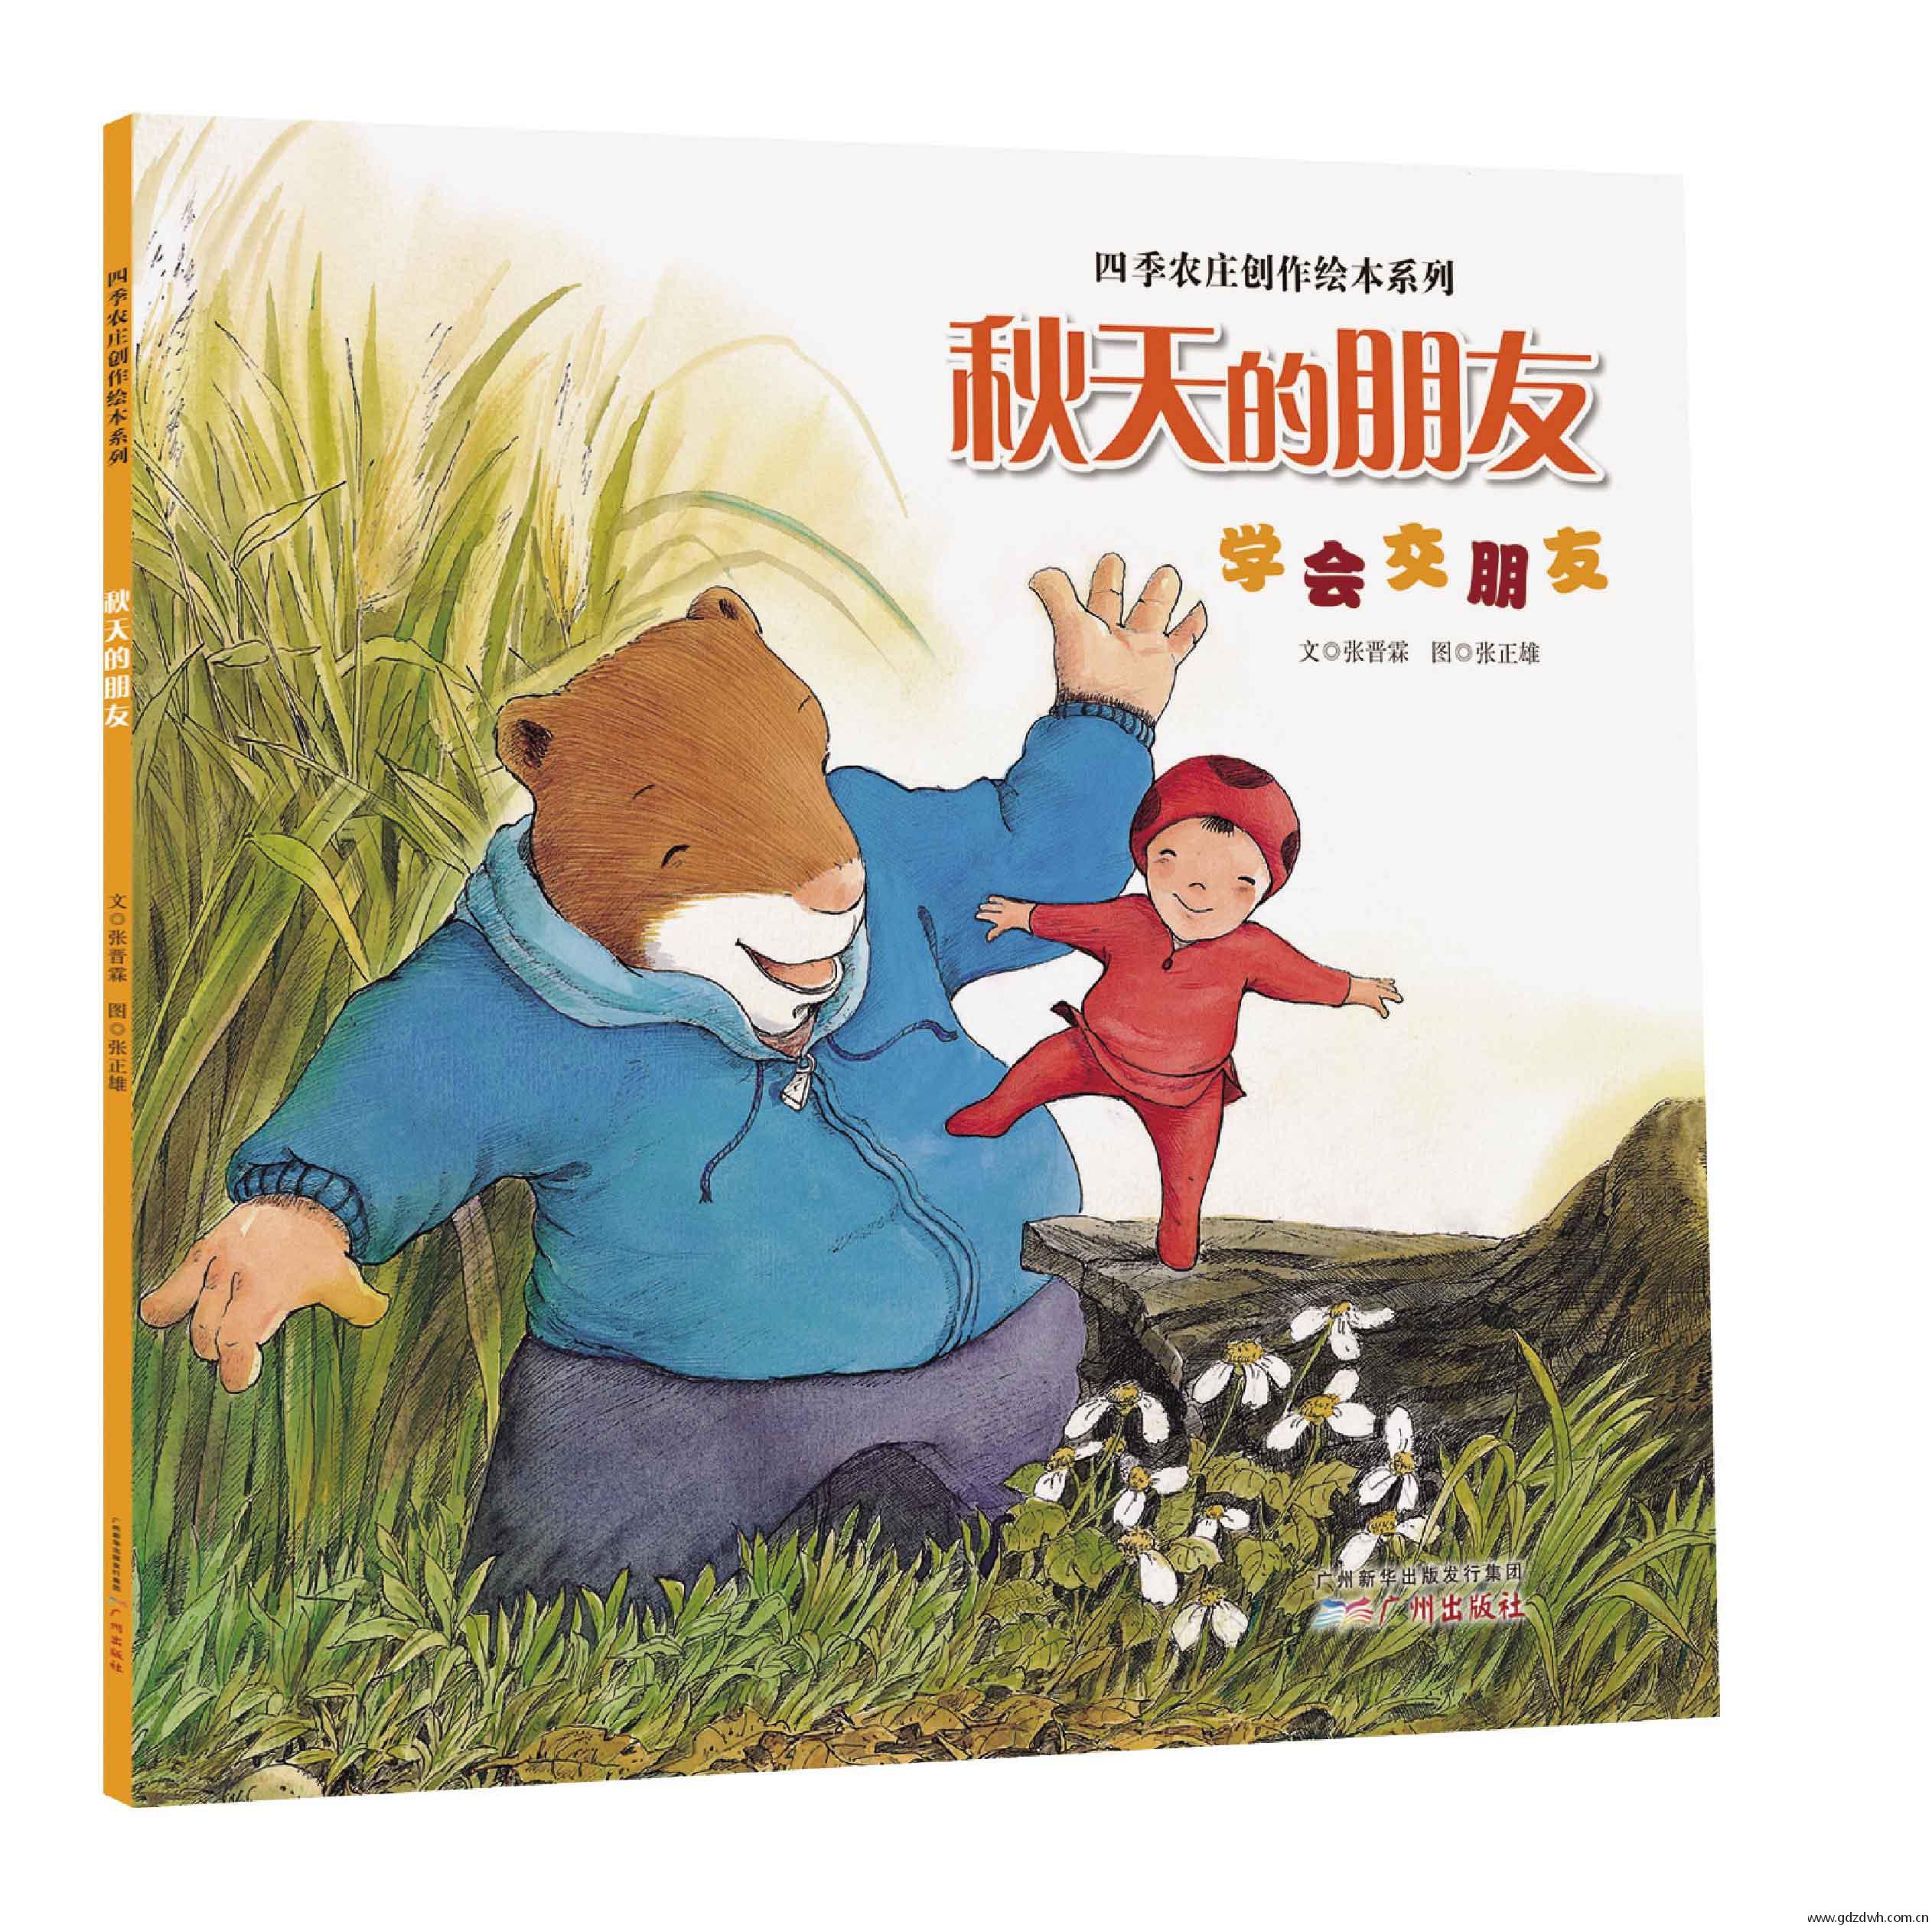 《四季农庄创作绘本系列:秋天的朋友》